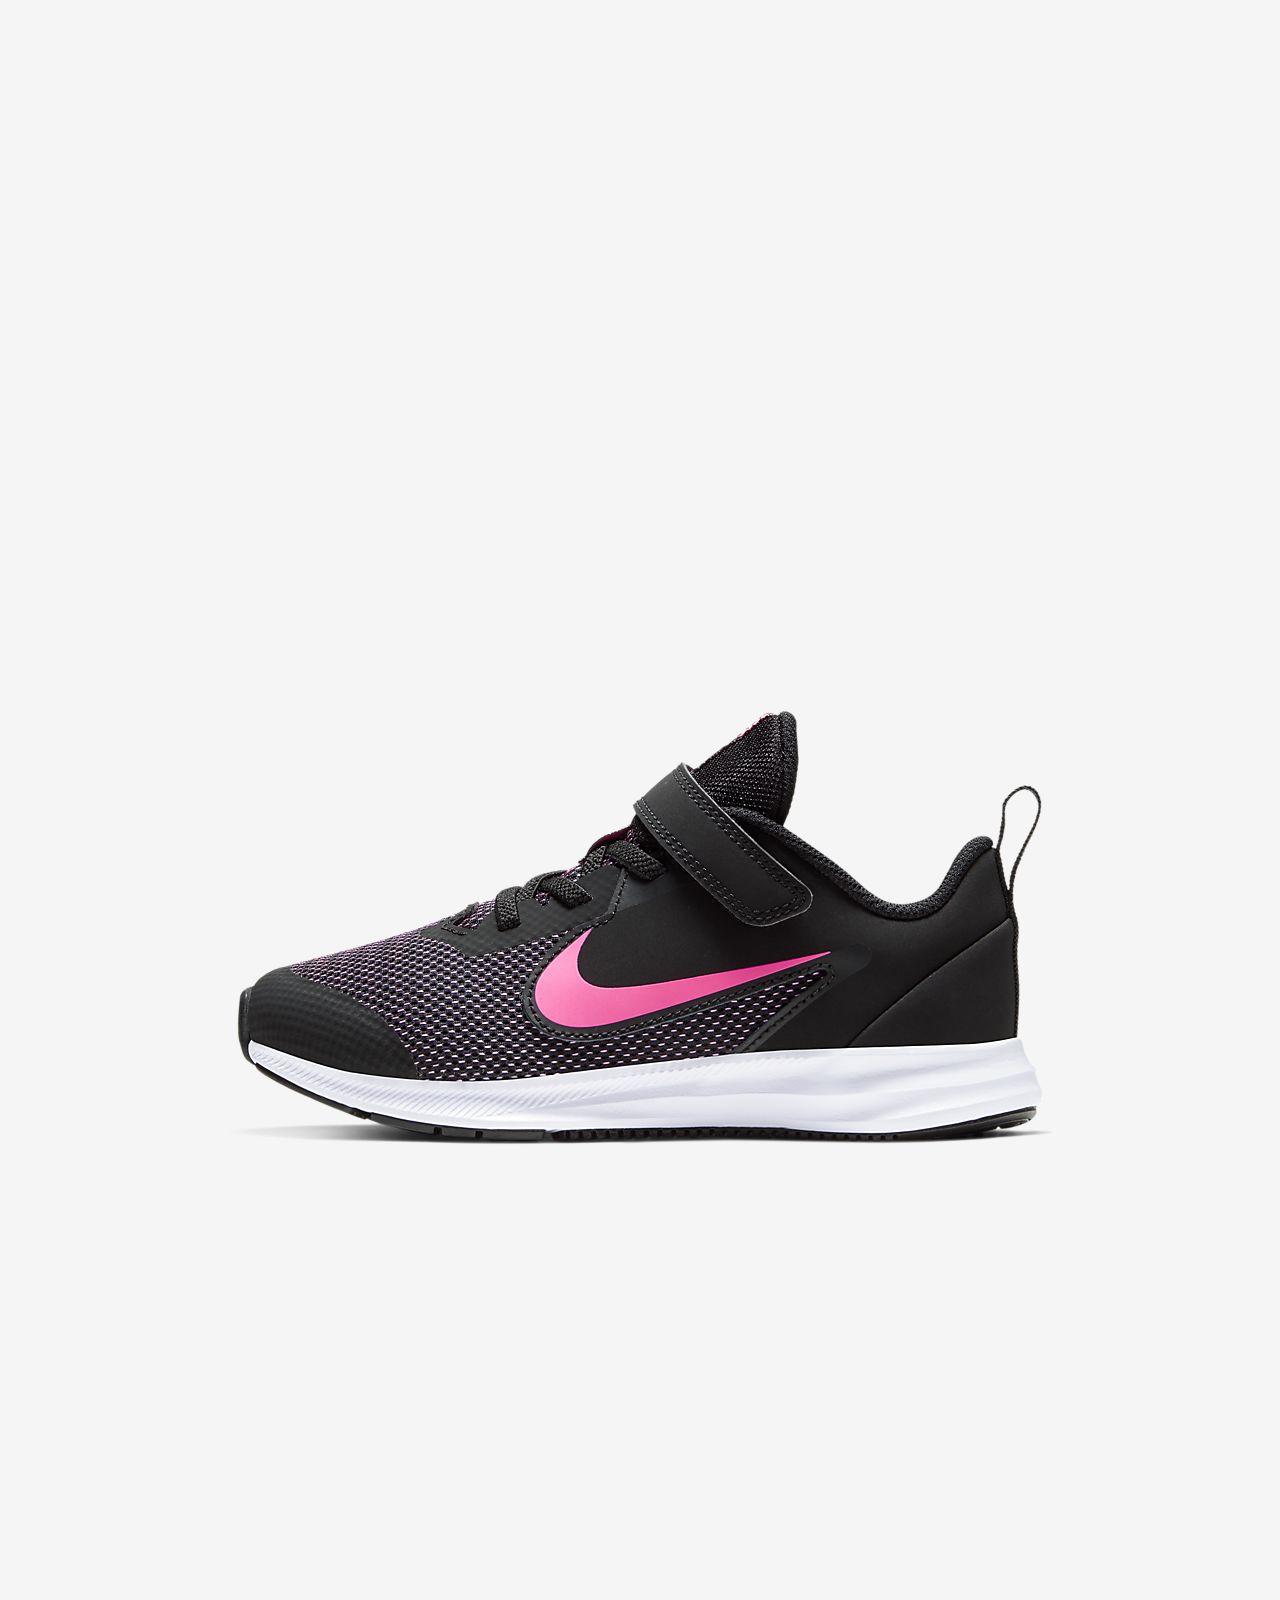 Bota Nike Downshifter 9 pro malé děti